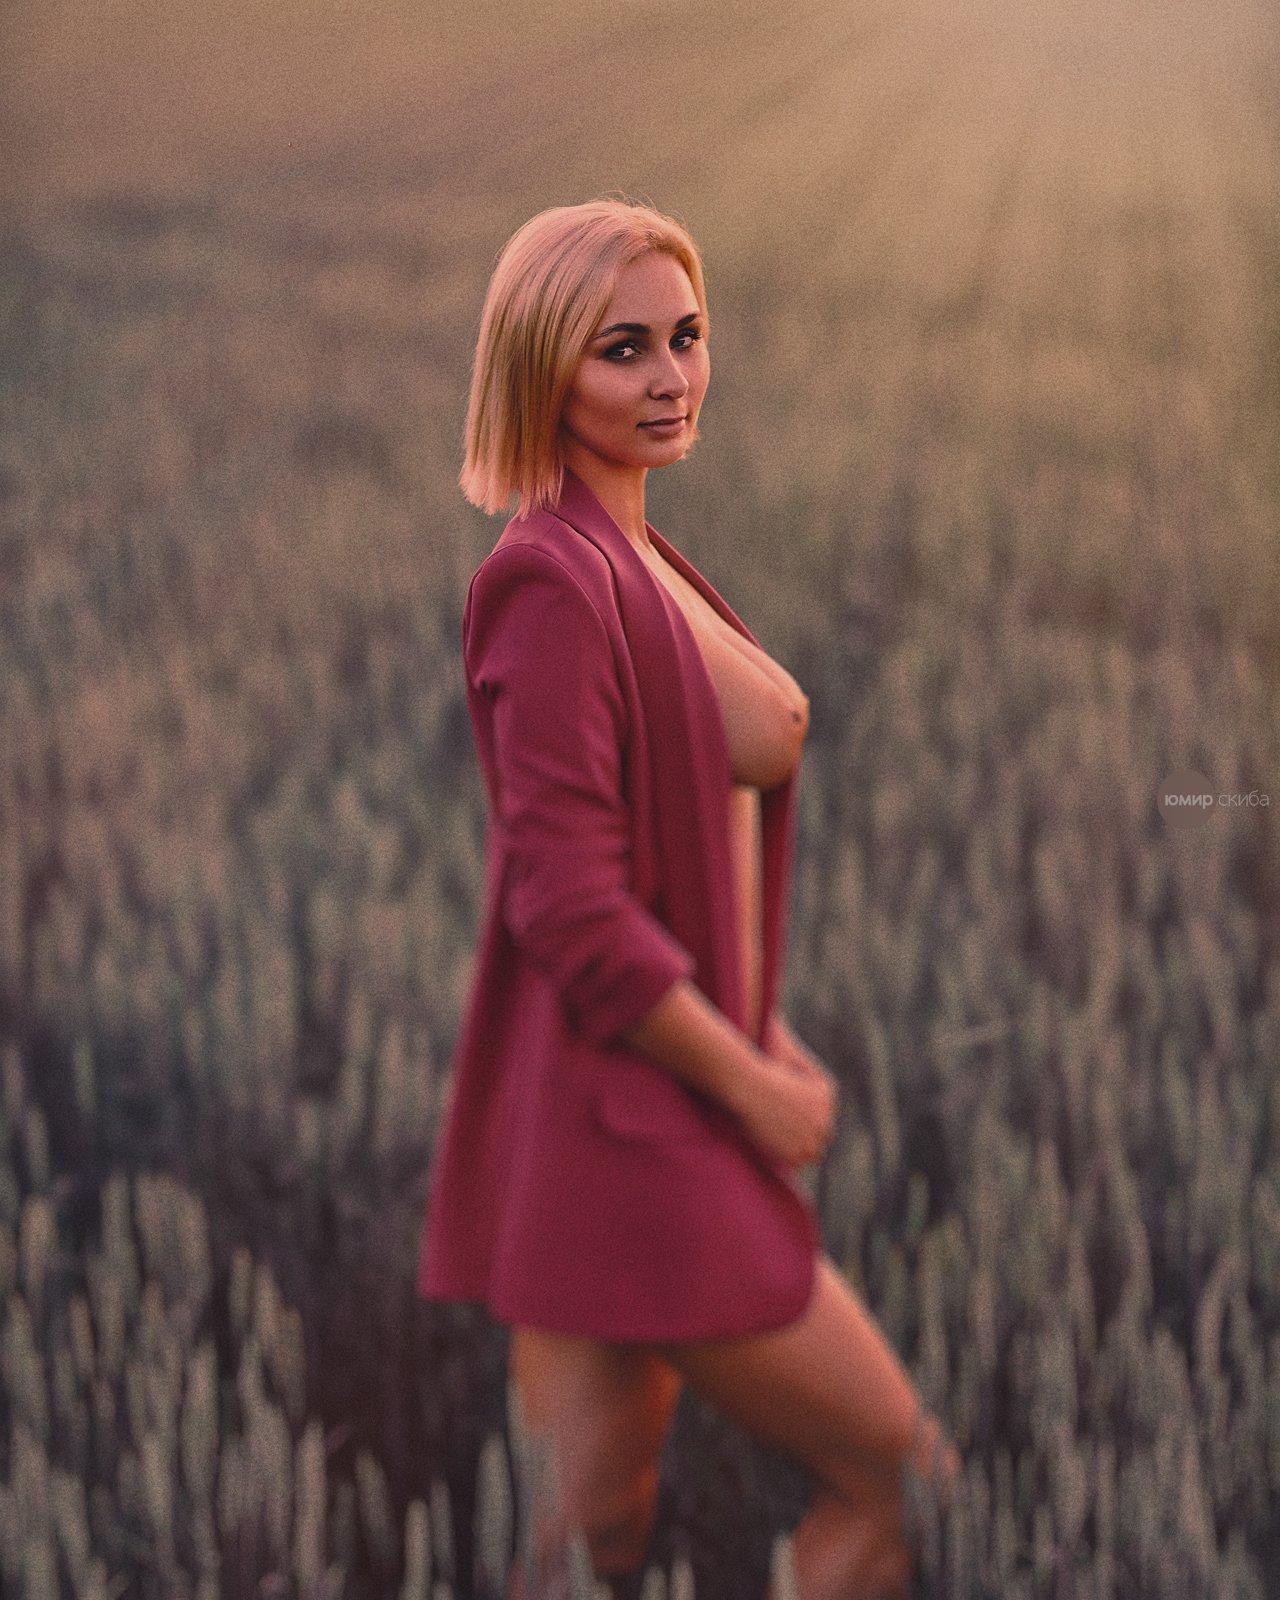 девушка, юмирскиба, гламур, ню, фото, портрет, арт, nu, nude, art, Юмир Скиба